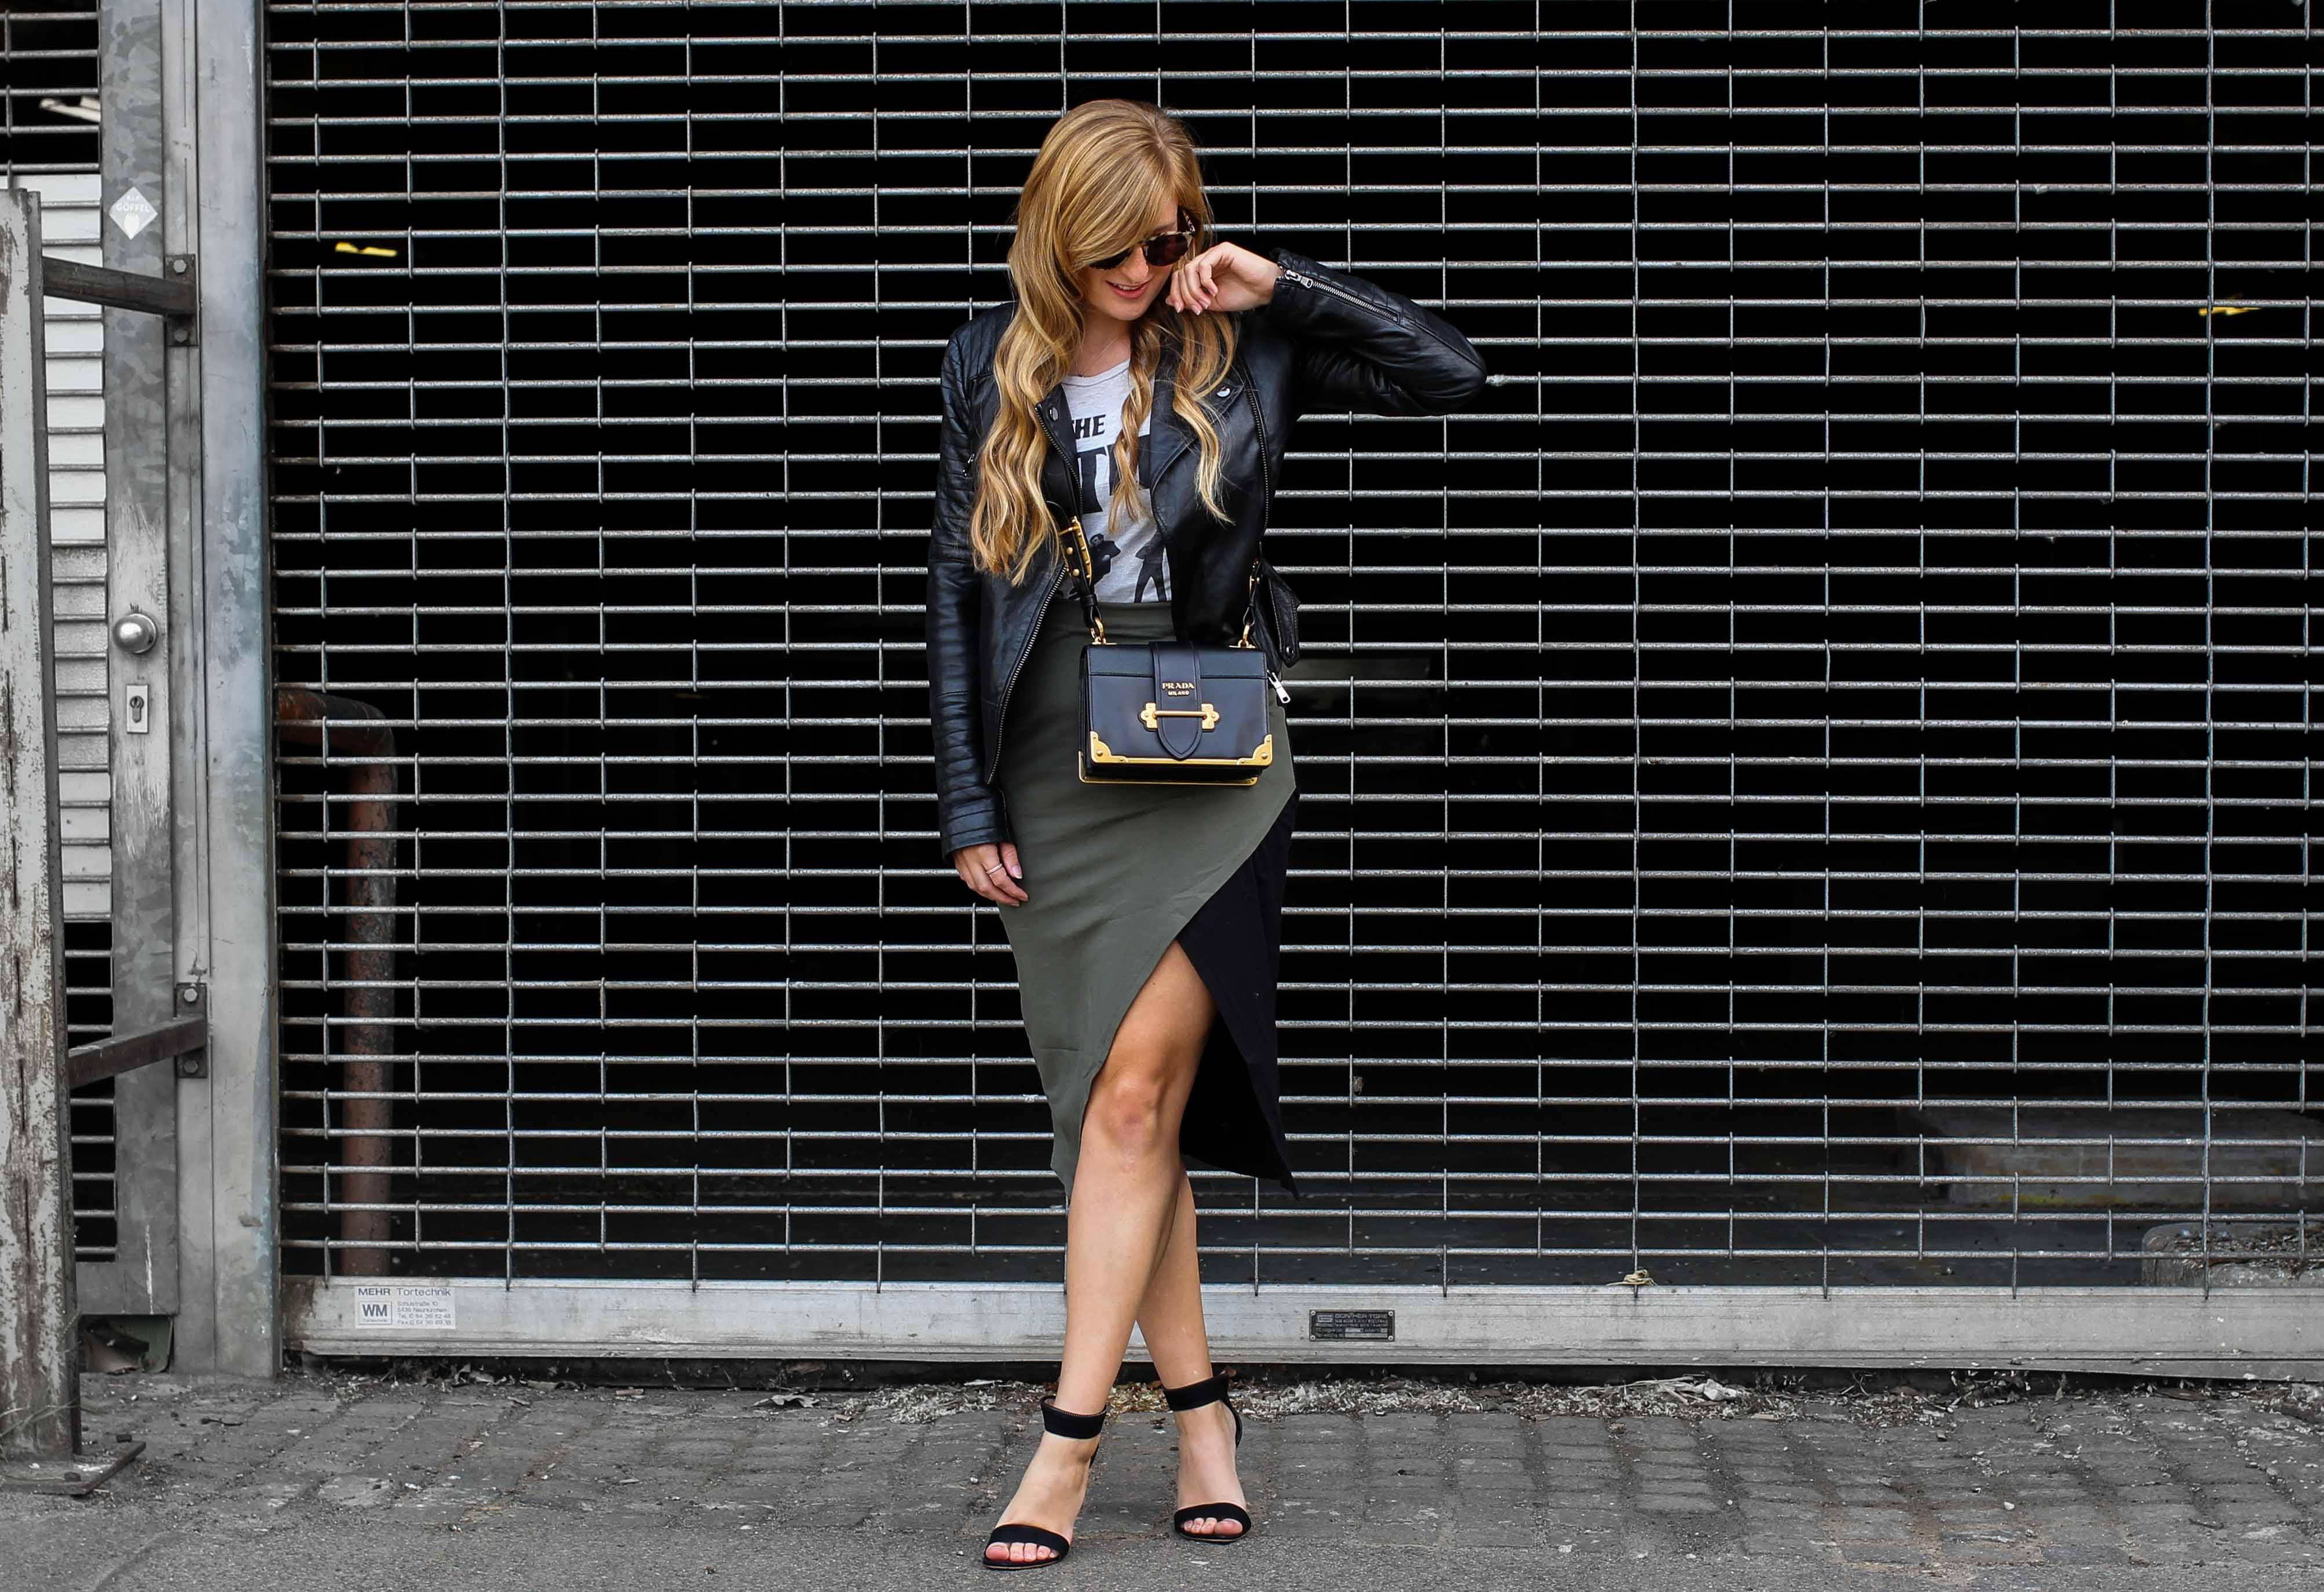 Sommer Street style 2018 kombinieren Bandshirt the beatles Lederjacke Damen Prada Cahier Designertasche Modeblog Köln Blogger DE Outfit Sommer